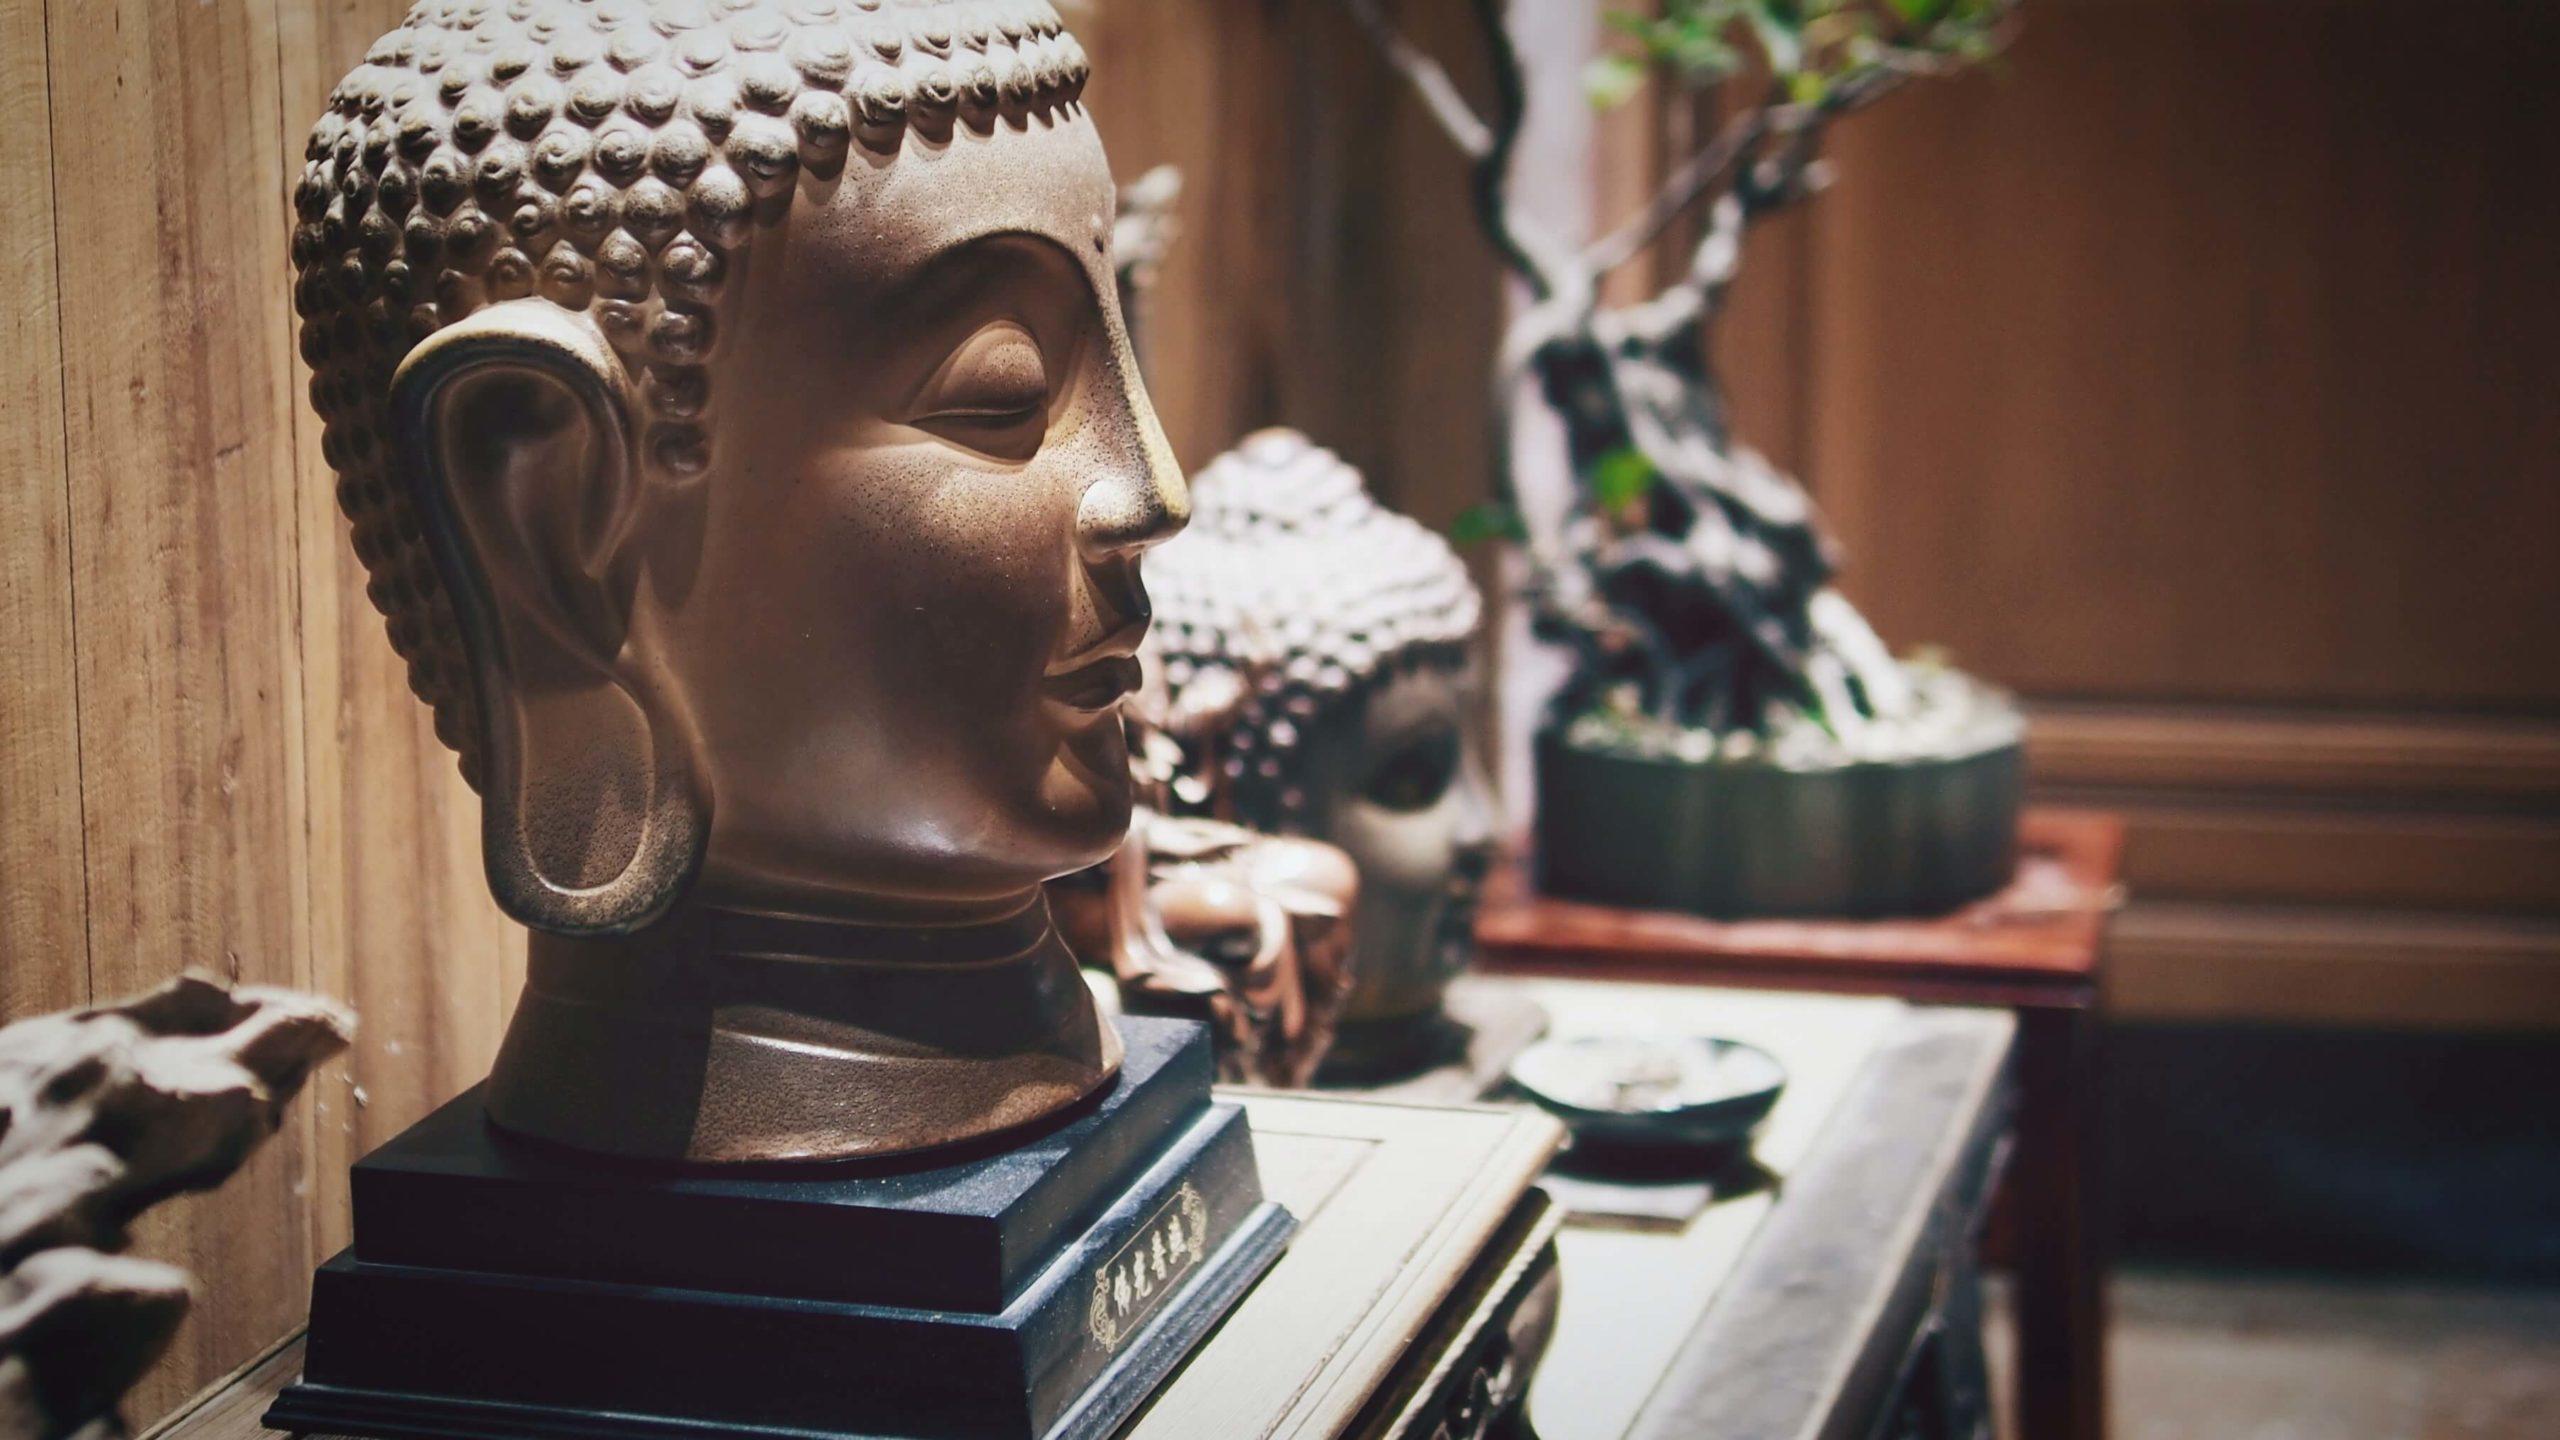 Best Child Buddha For Desk Decor [Gift]